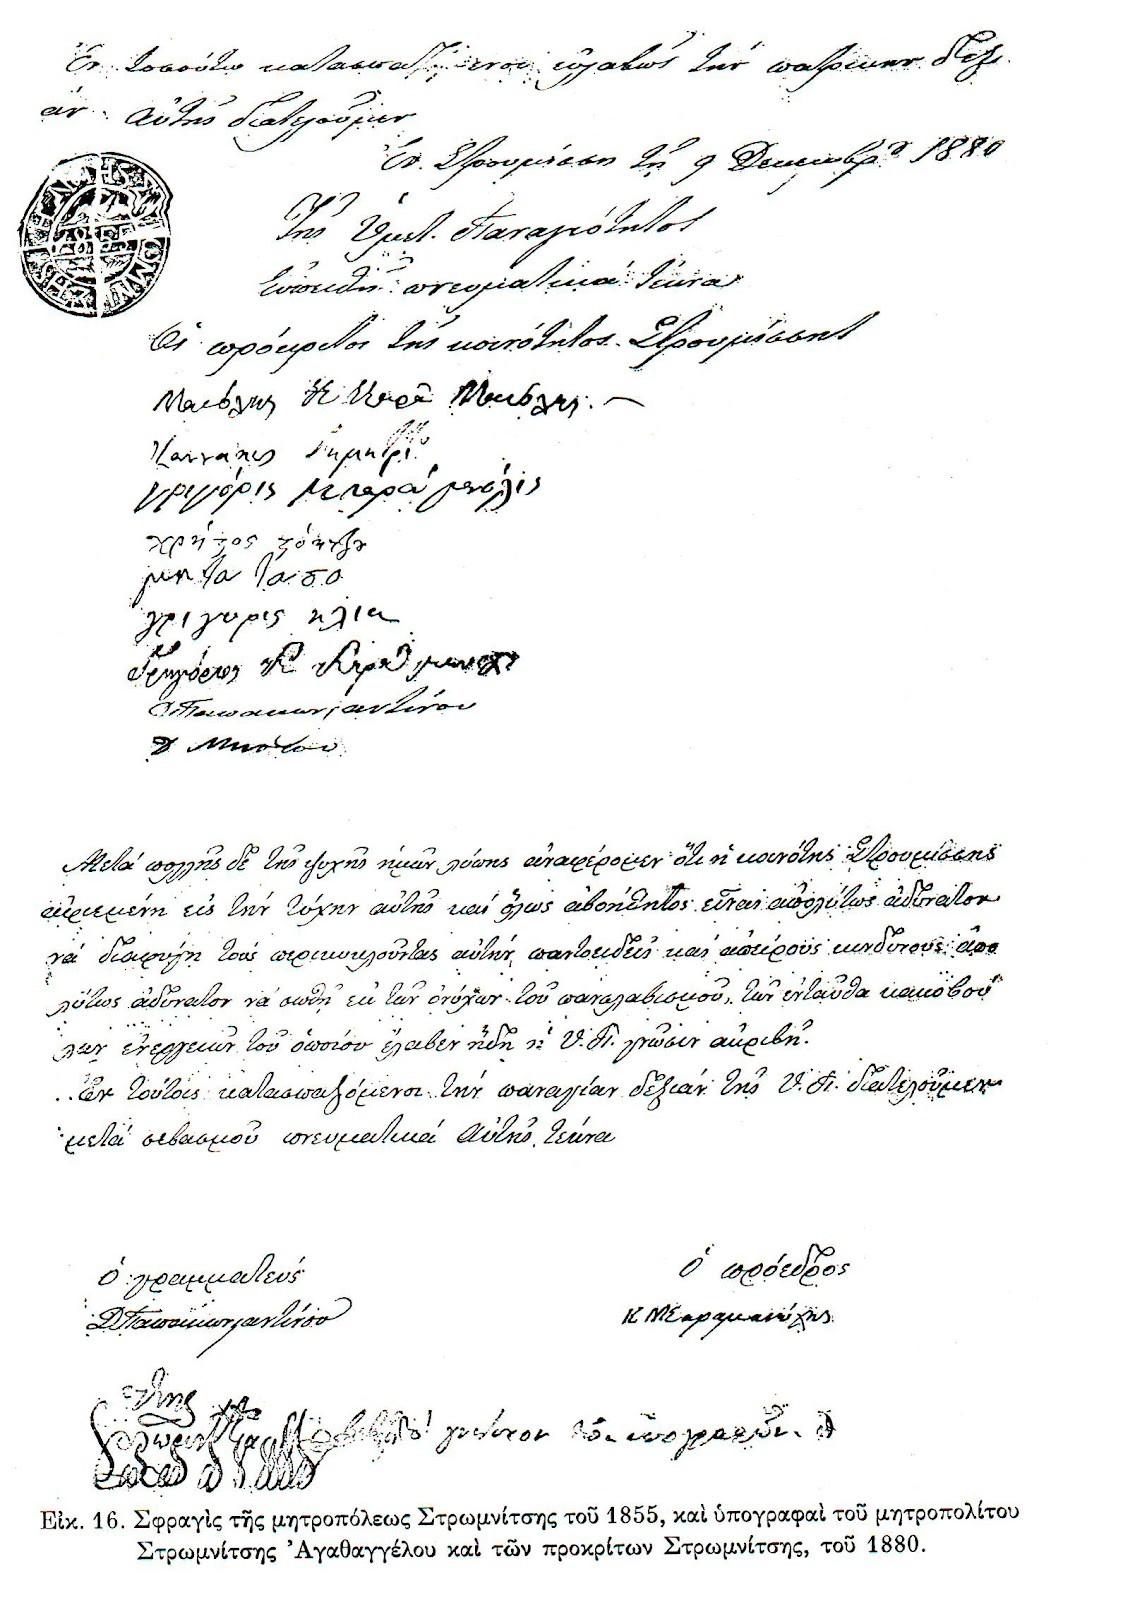 Επιστολή με σφραγίδα της Μητρόπολης Στρώμνιτσας 1855